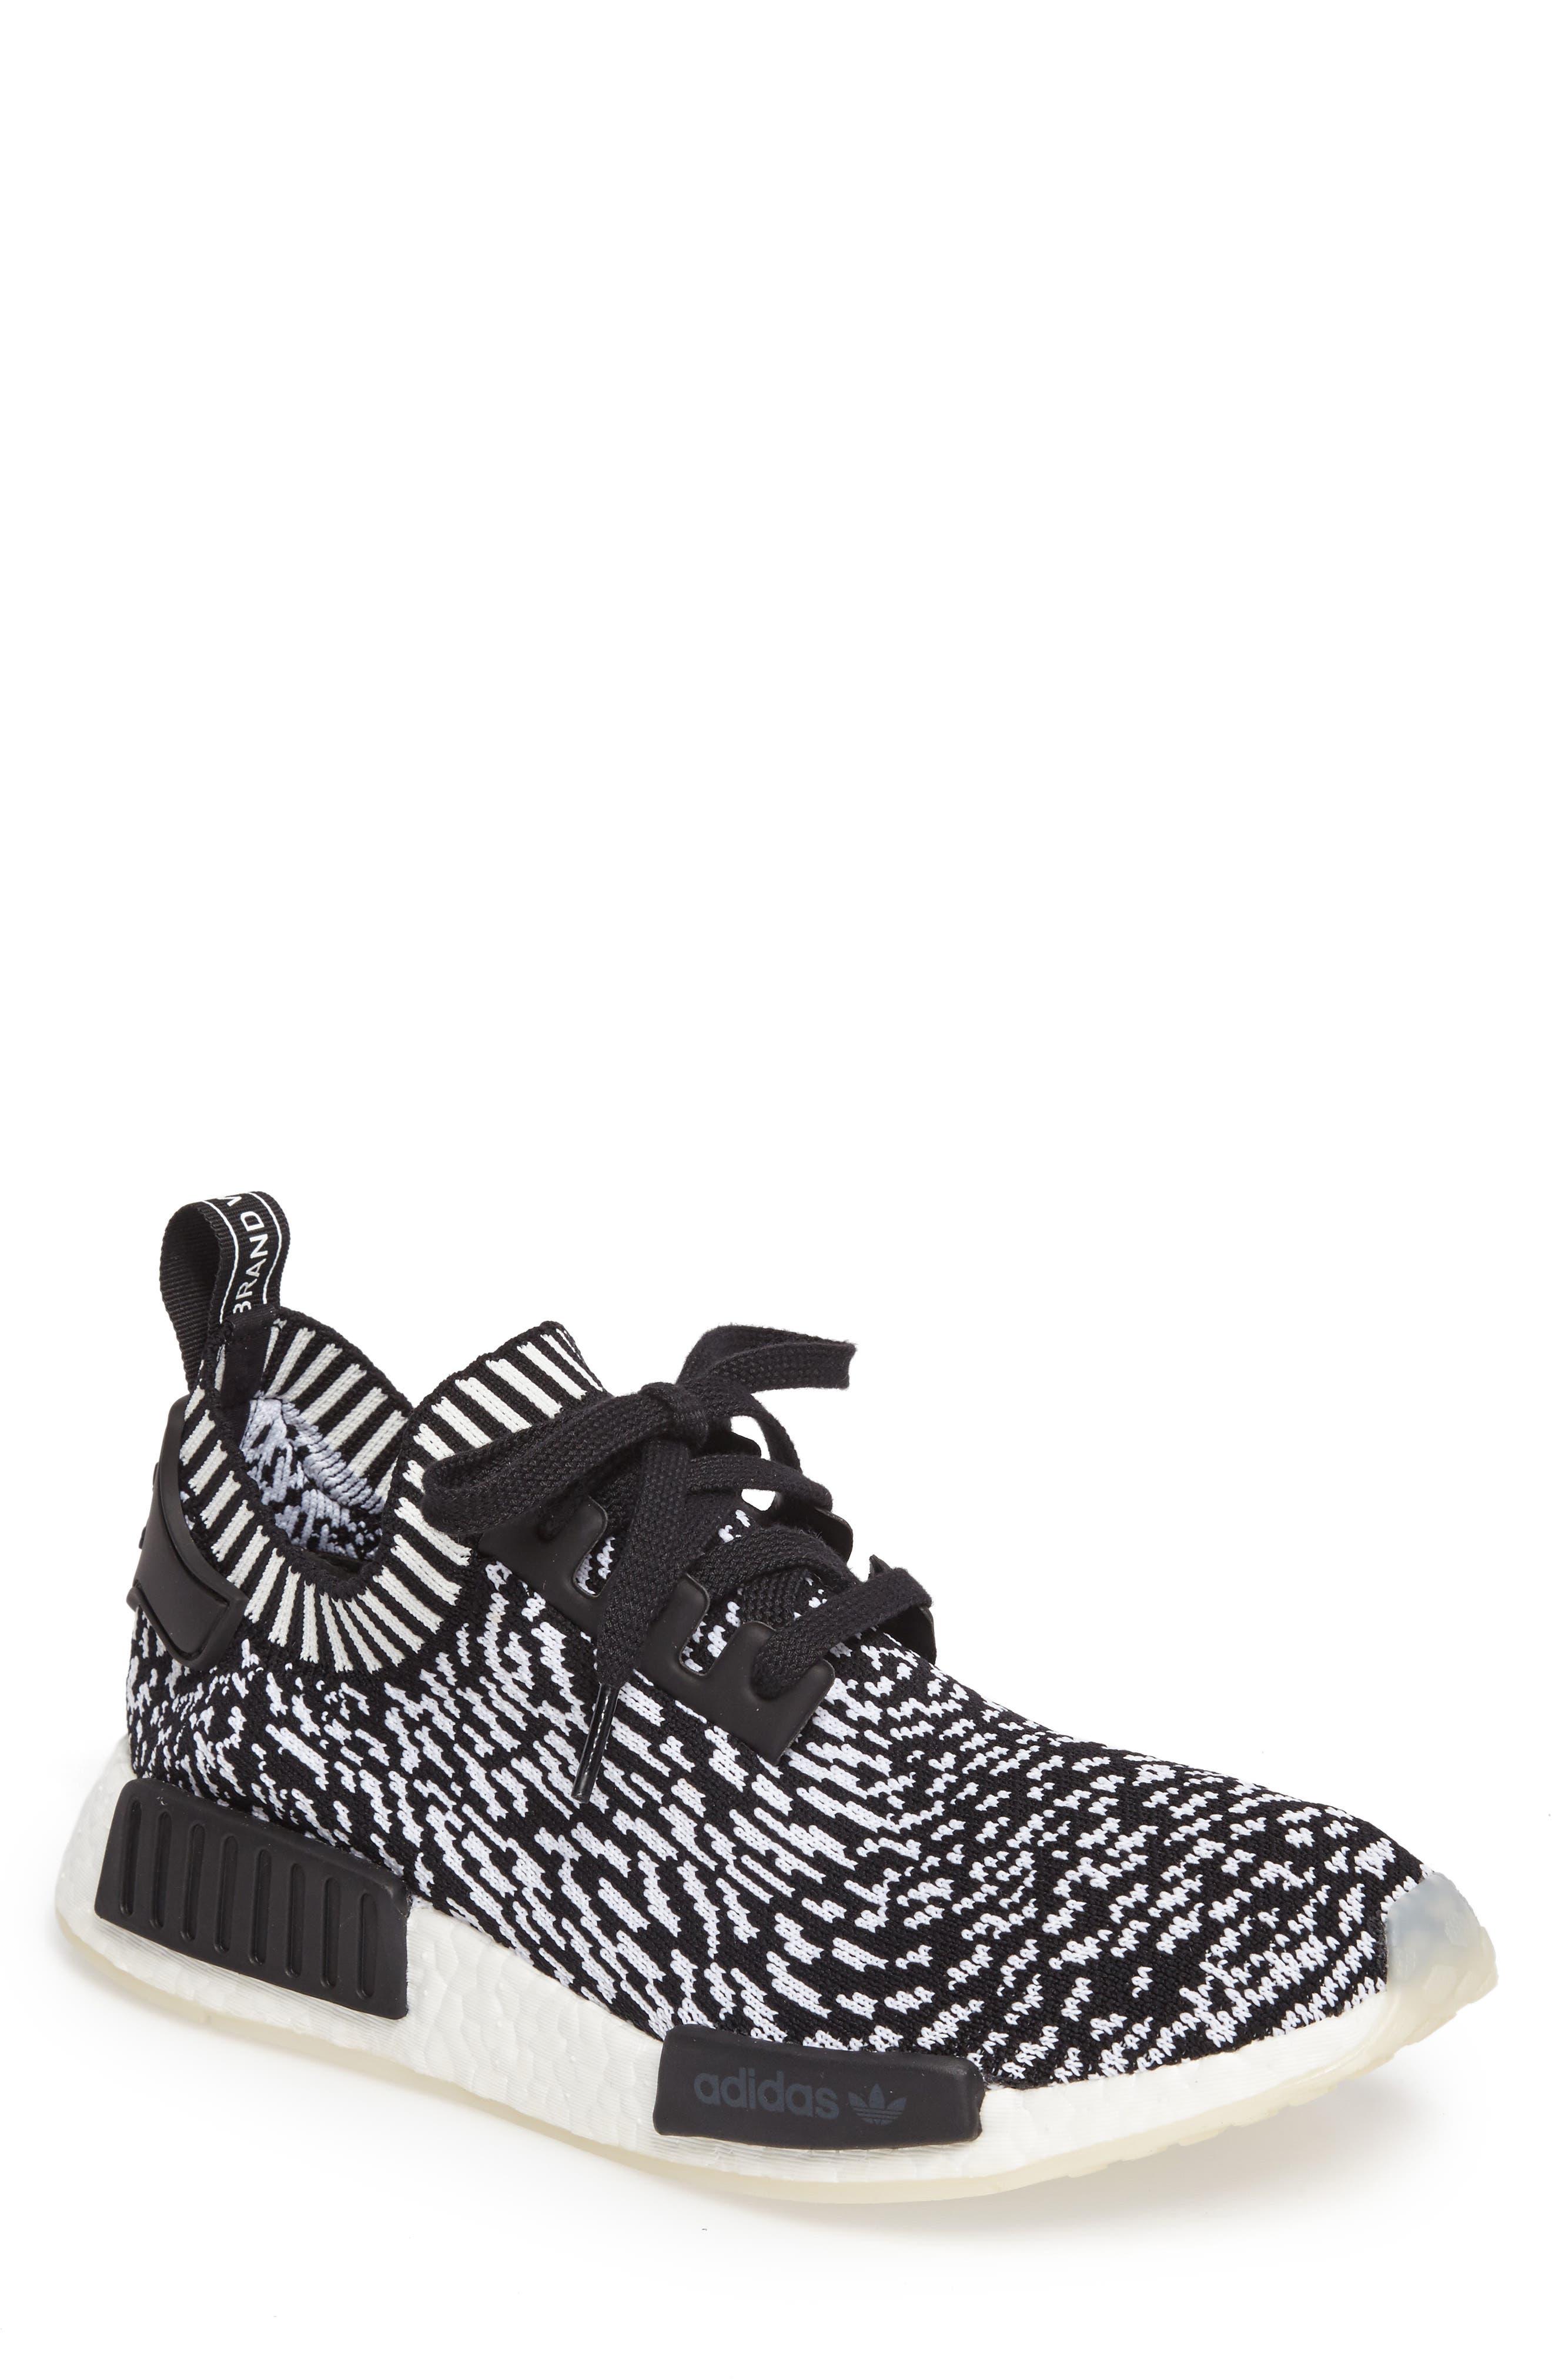 NMD R1 Primeknit Sneaker,                         Main,                         color, Core Black/ Core Black/ White